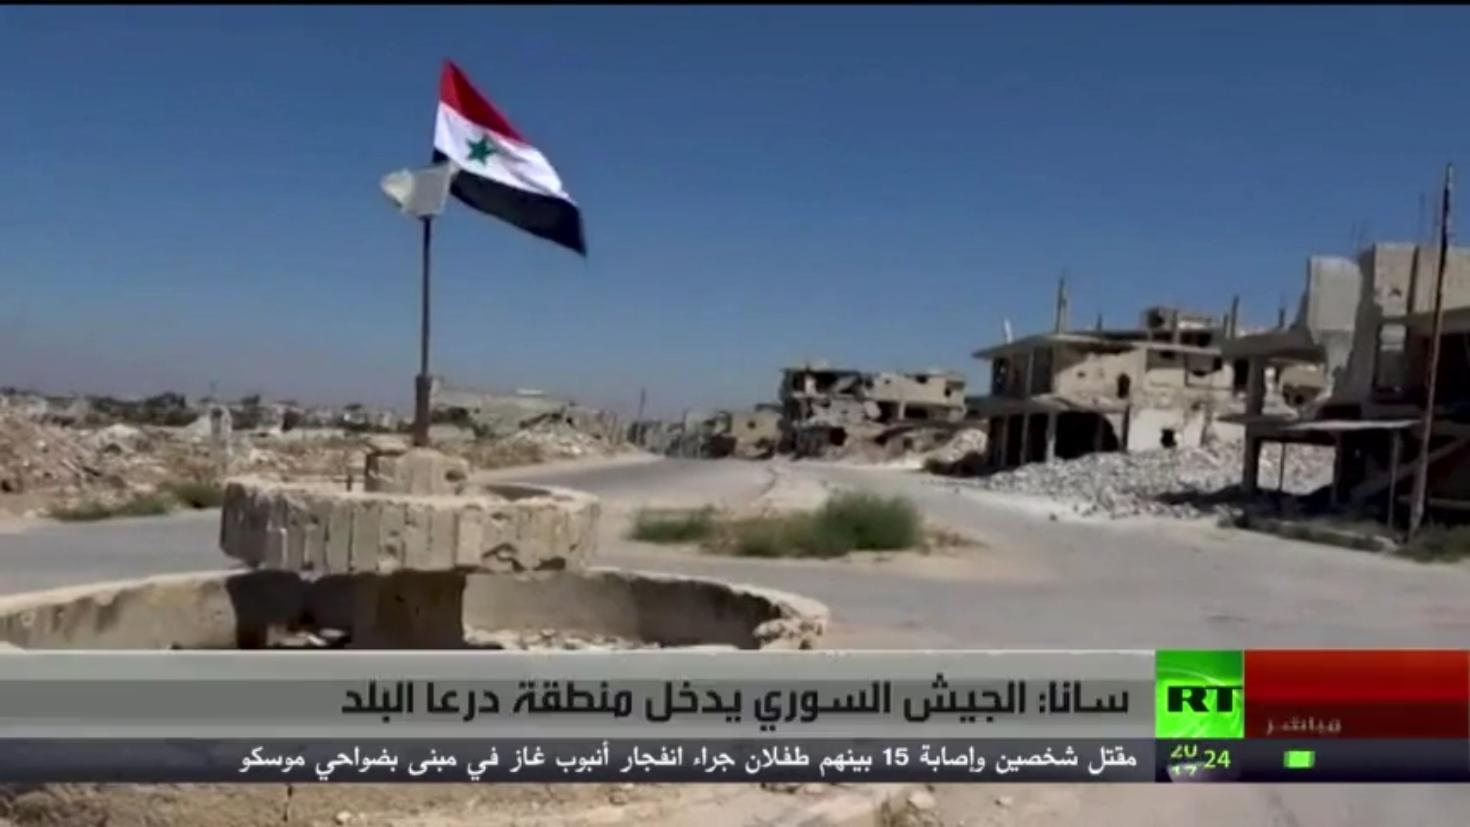 سانا: الجيش السوري يدخل منطقة درعا البلد